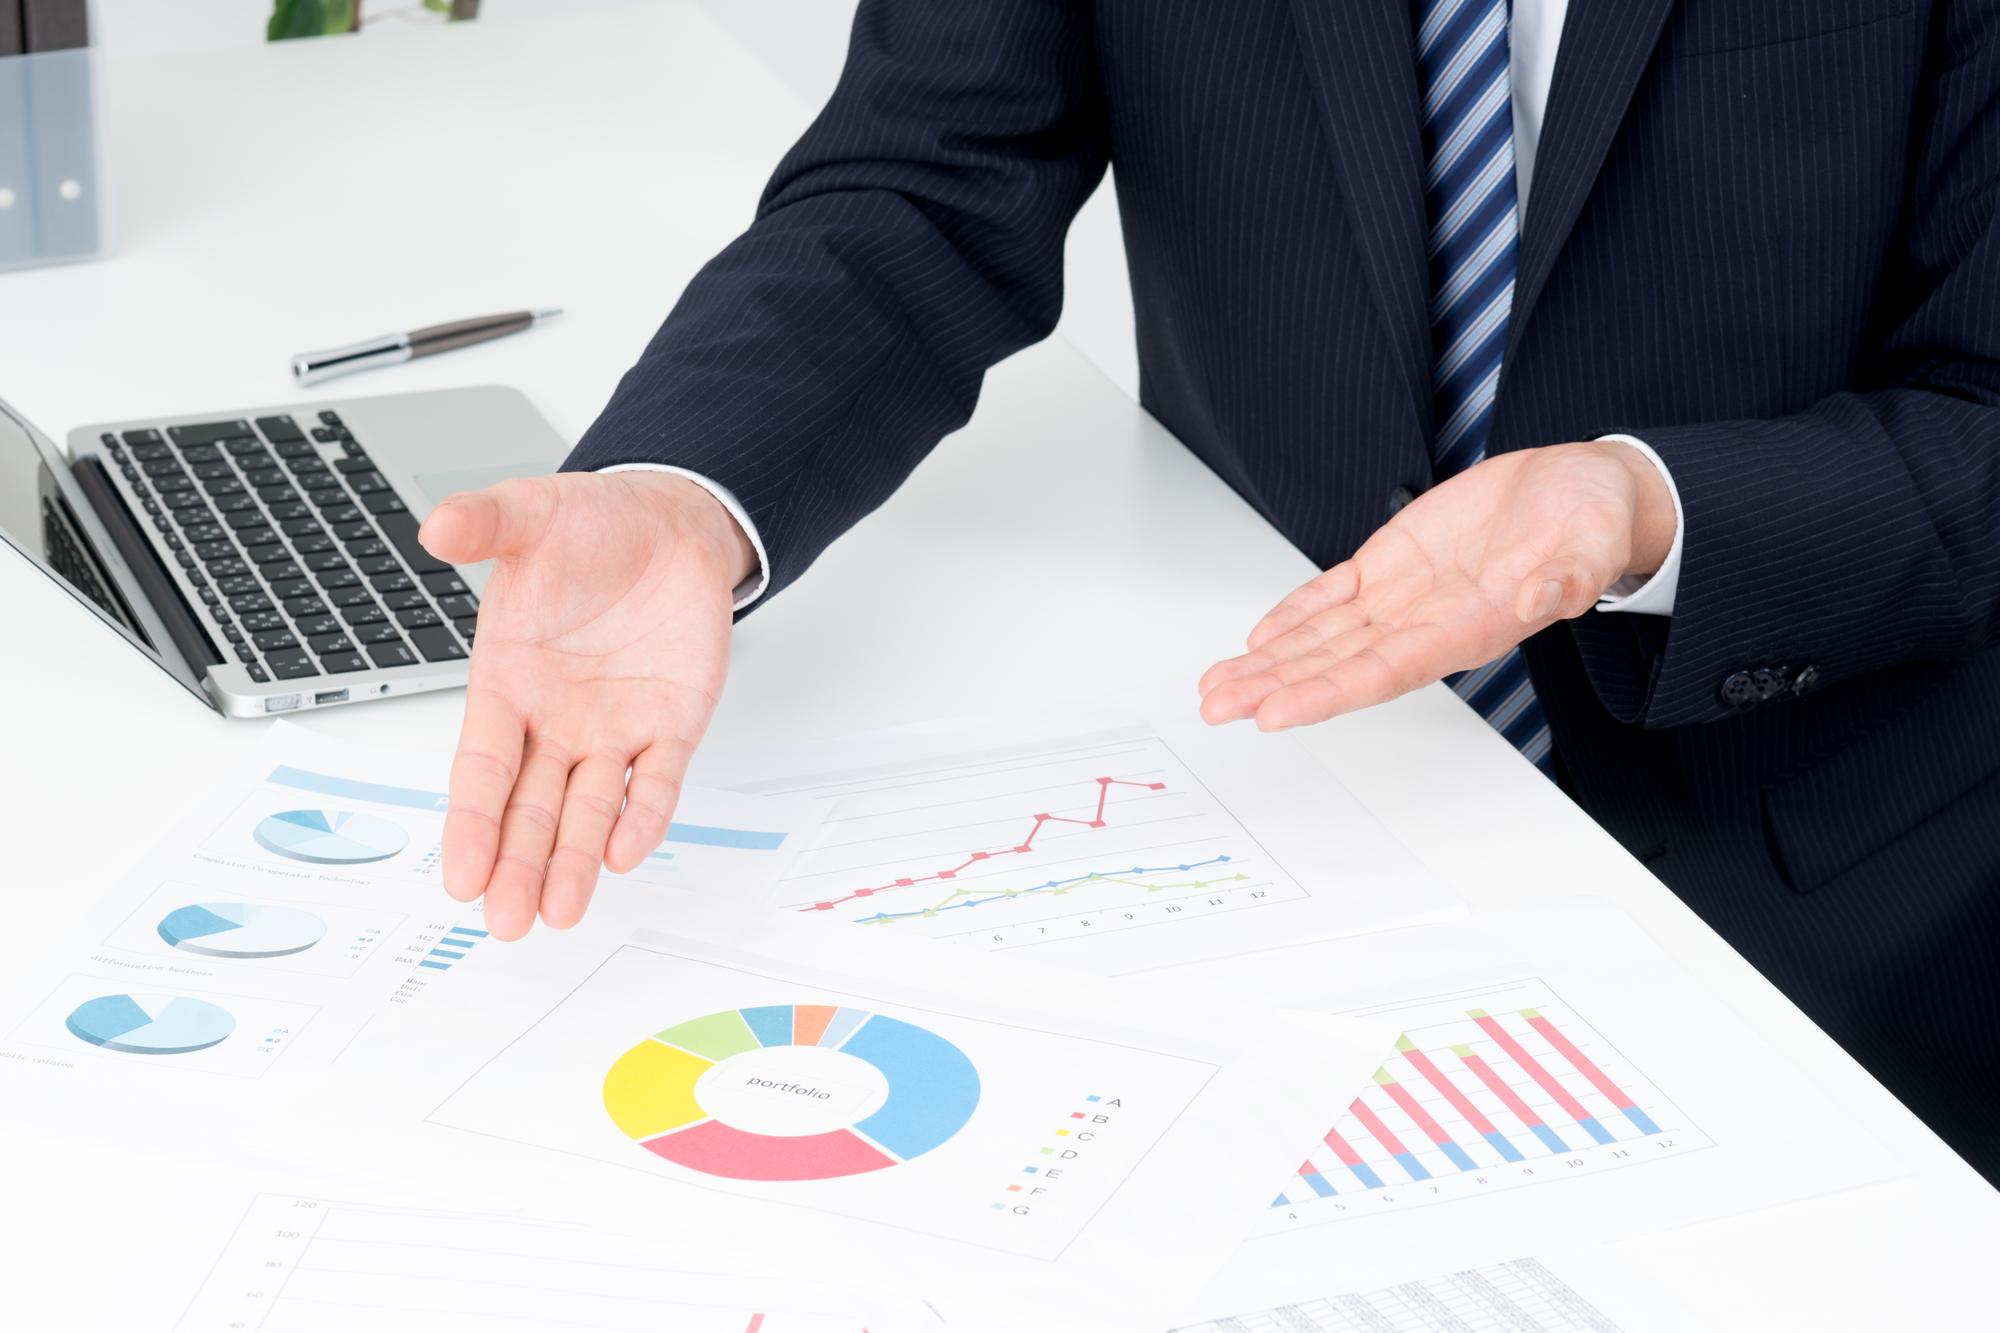 統計データの作成・販売